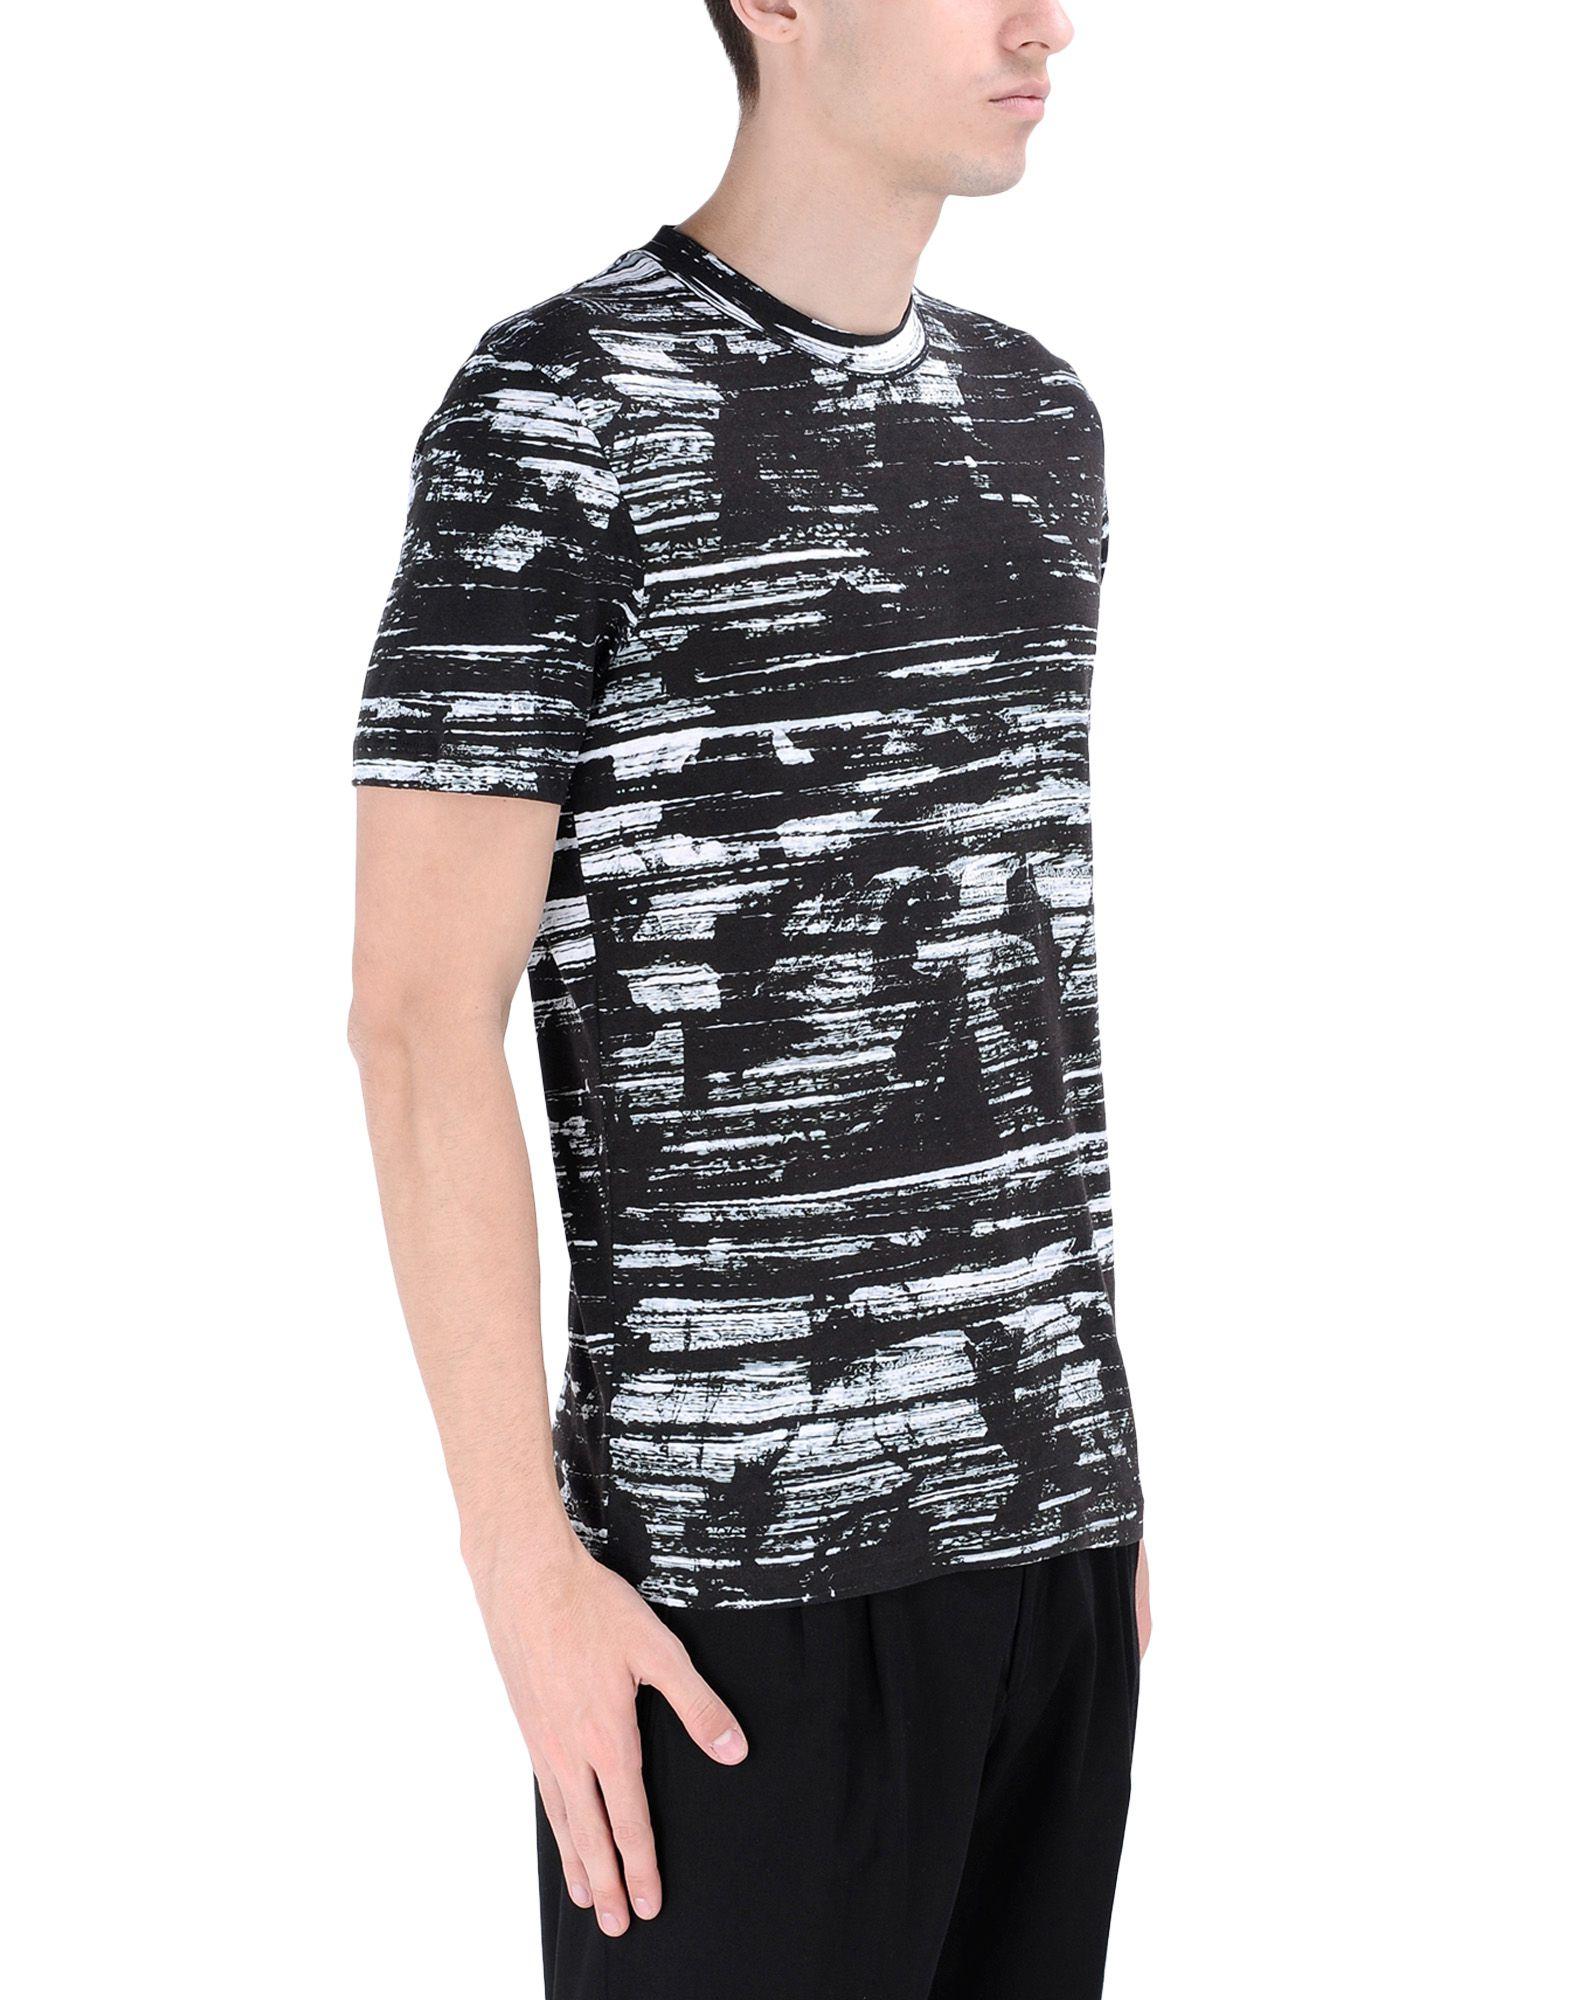 Mcq alexander mcqueen short sleeve t shirt in black for for Alexander mcqueen shirt men